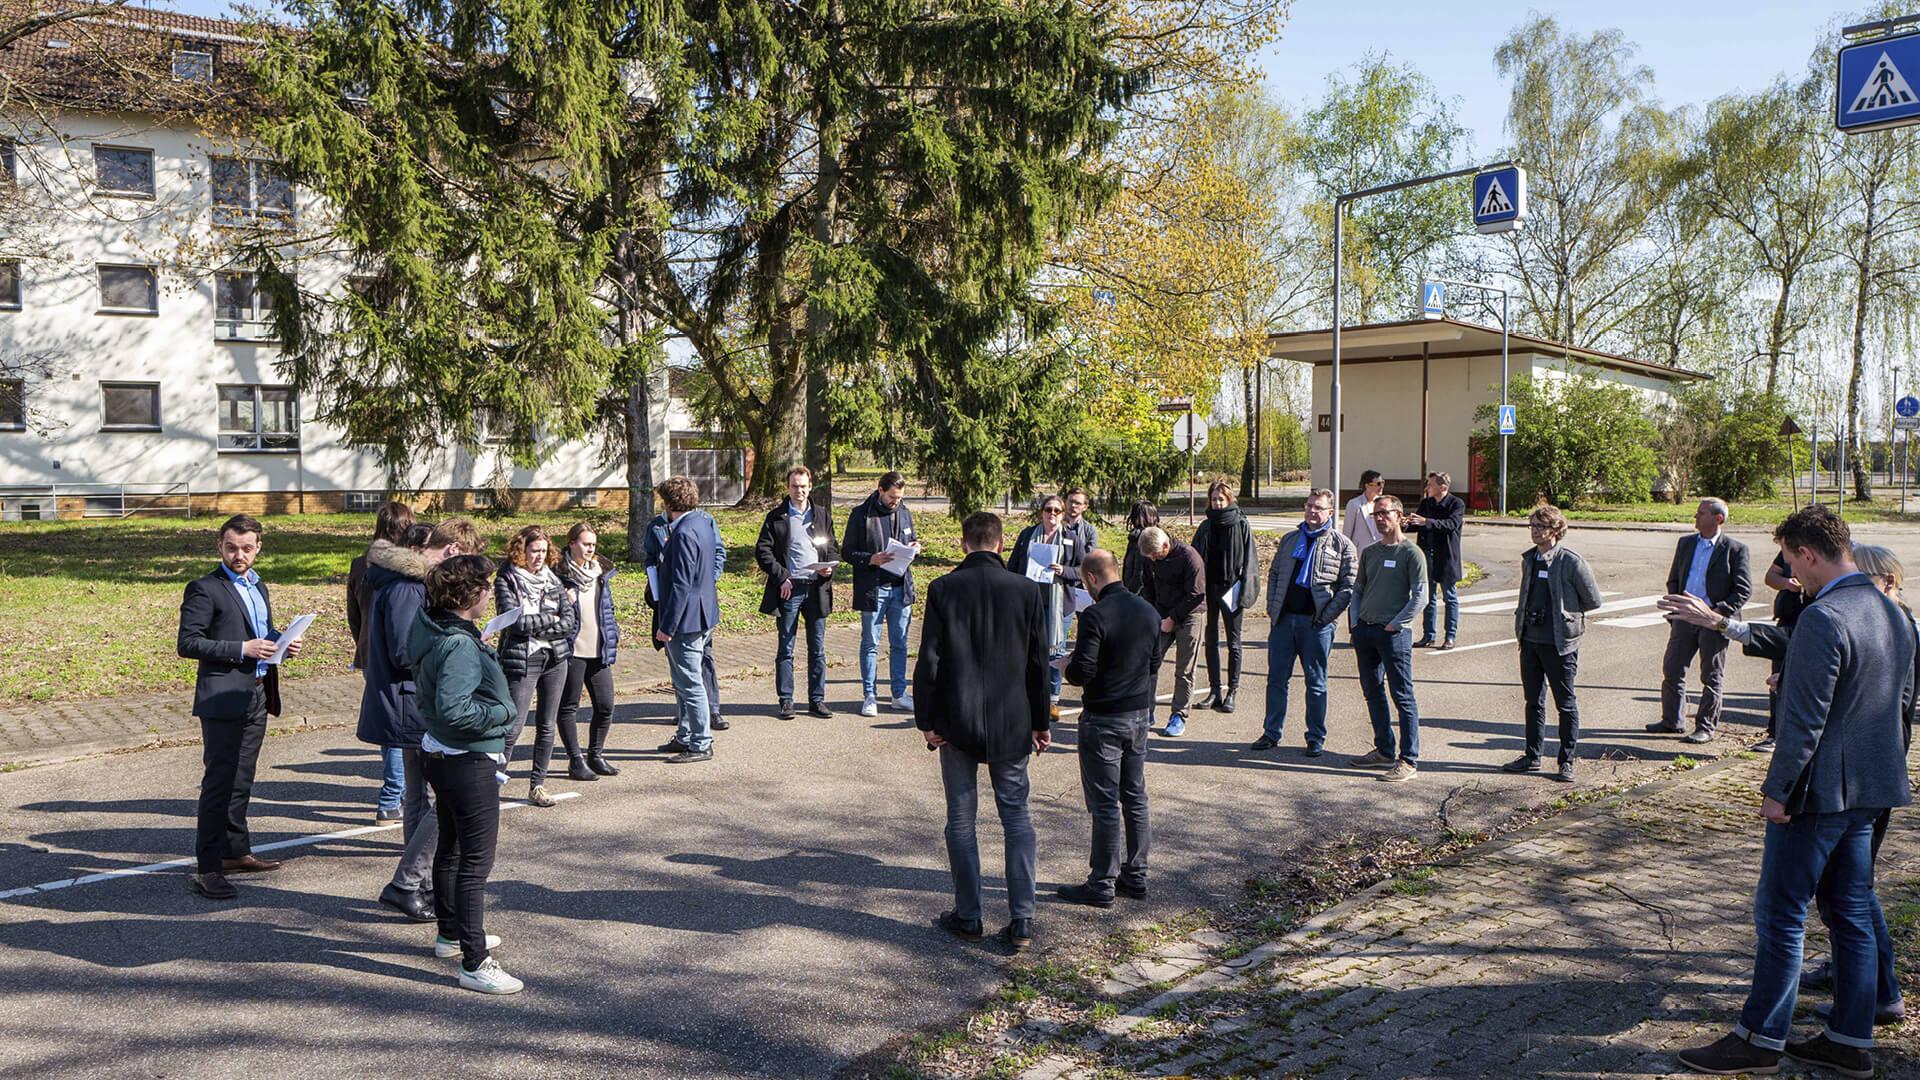 Exkursion auf dem PHV-Gelände im Frühjahr 2019 mit Vertreterinnen und Vertretern von Stadt, Fachplanung und IBA. © Dittmer